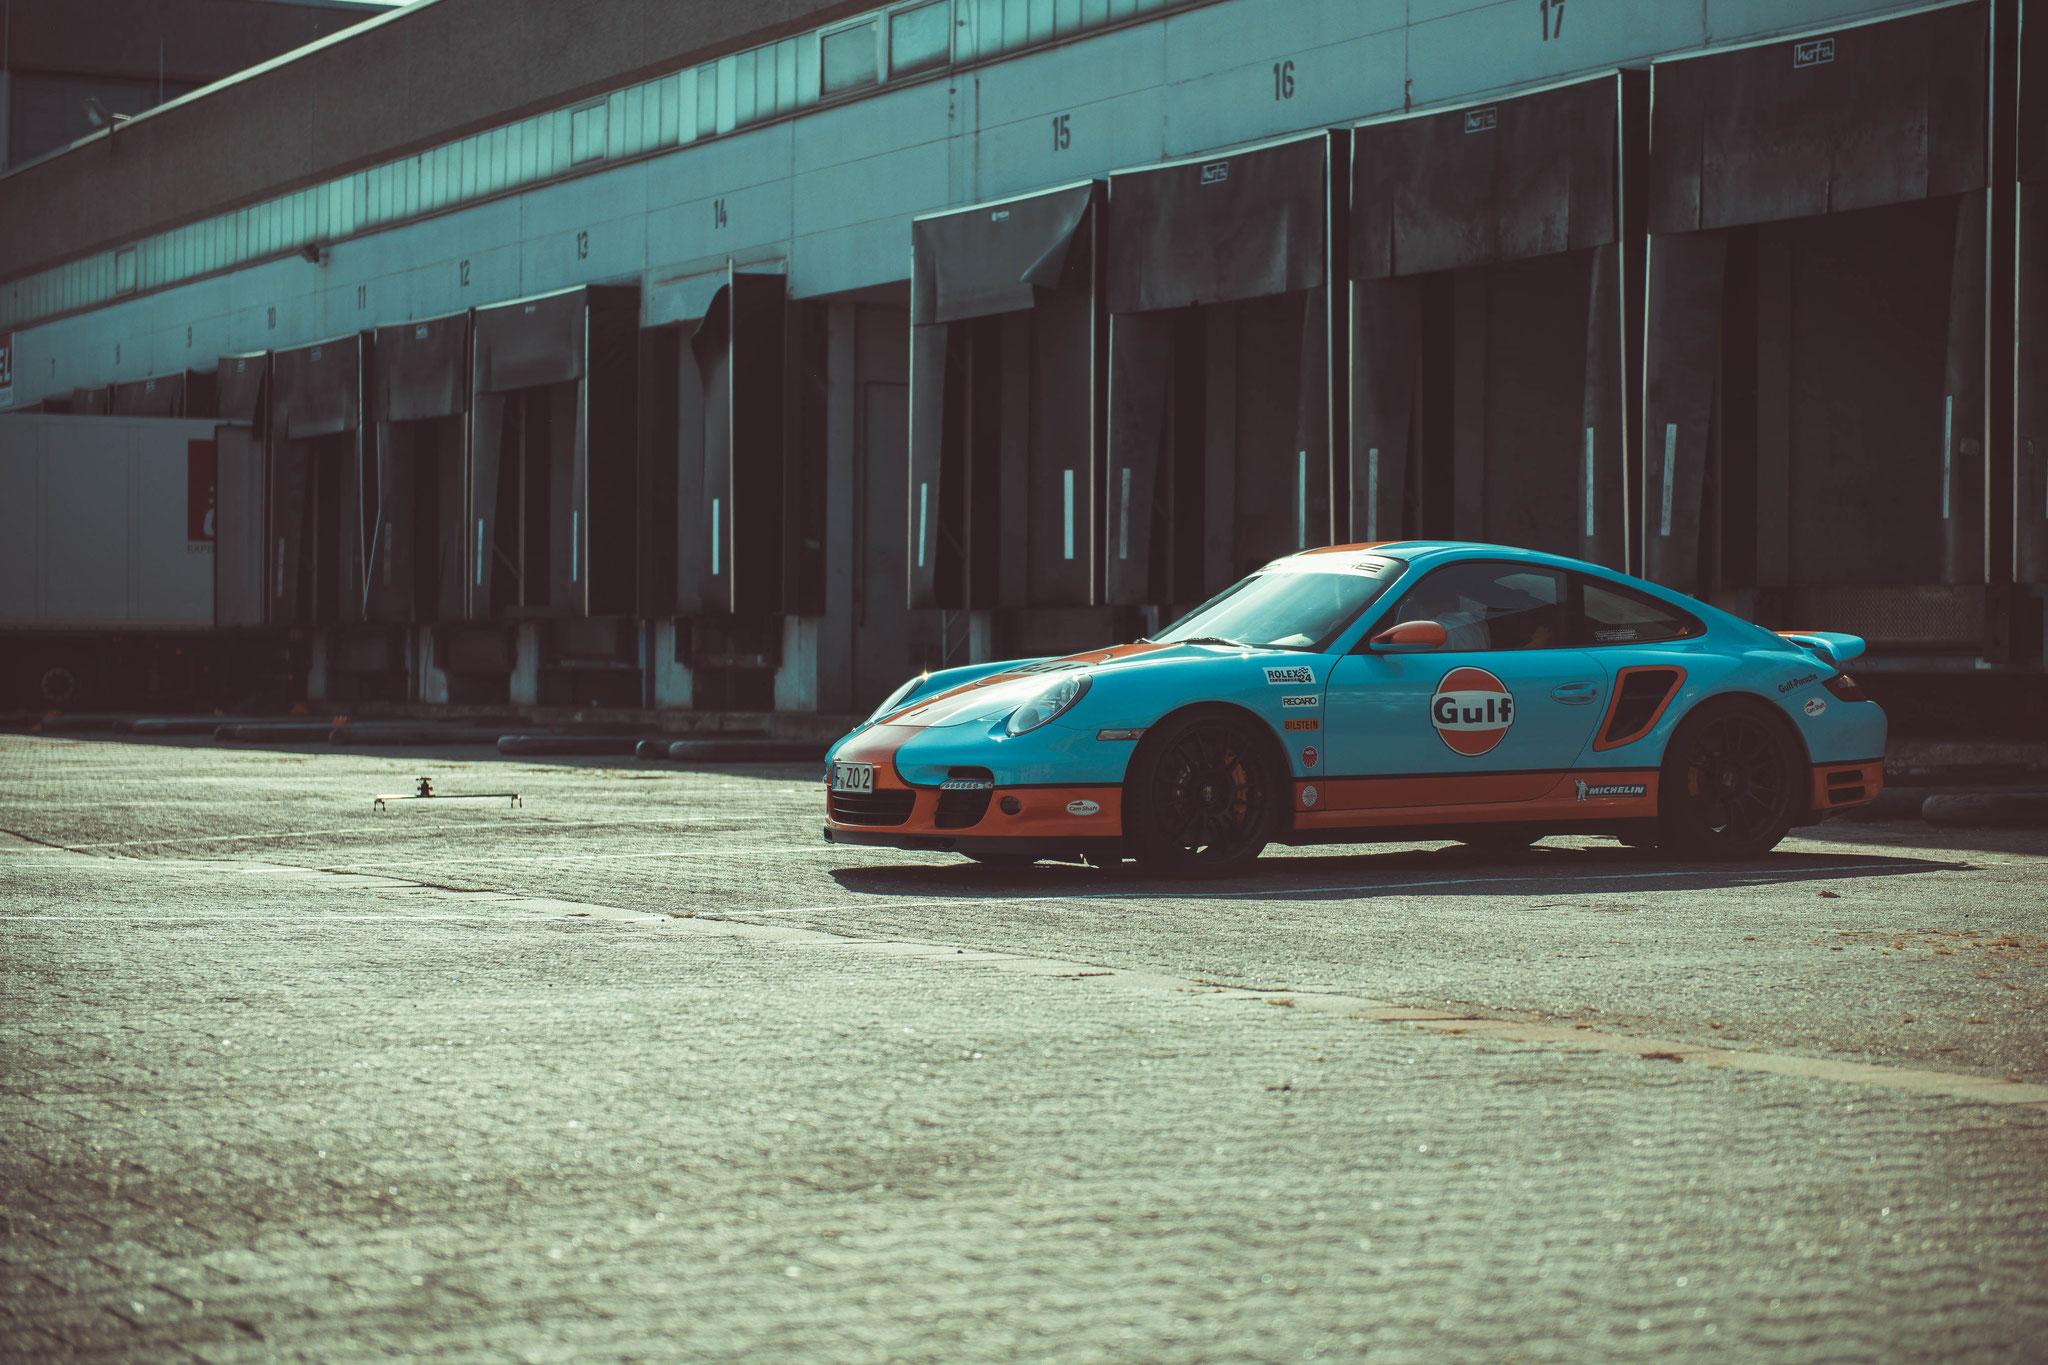 Porsche 997 Turbo mit Top Speed ist über 320 km/h